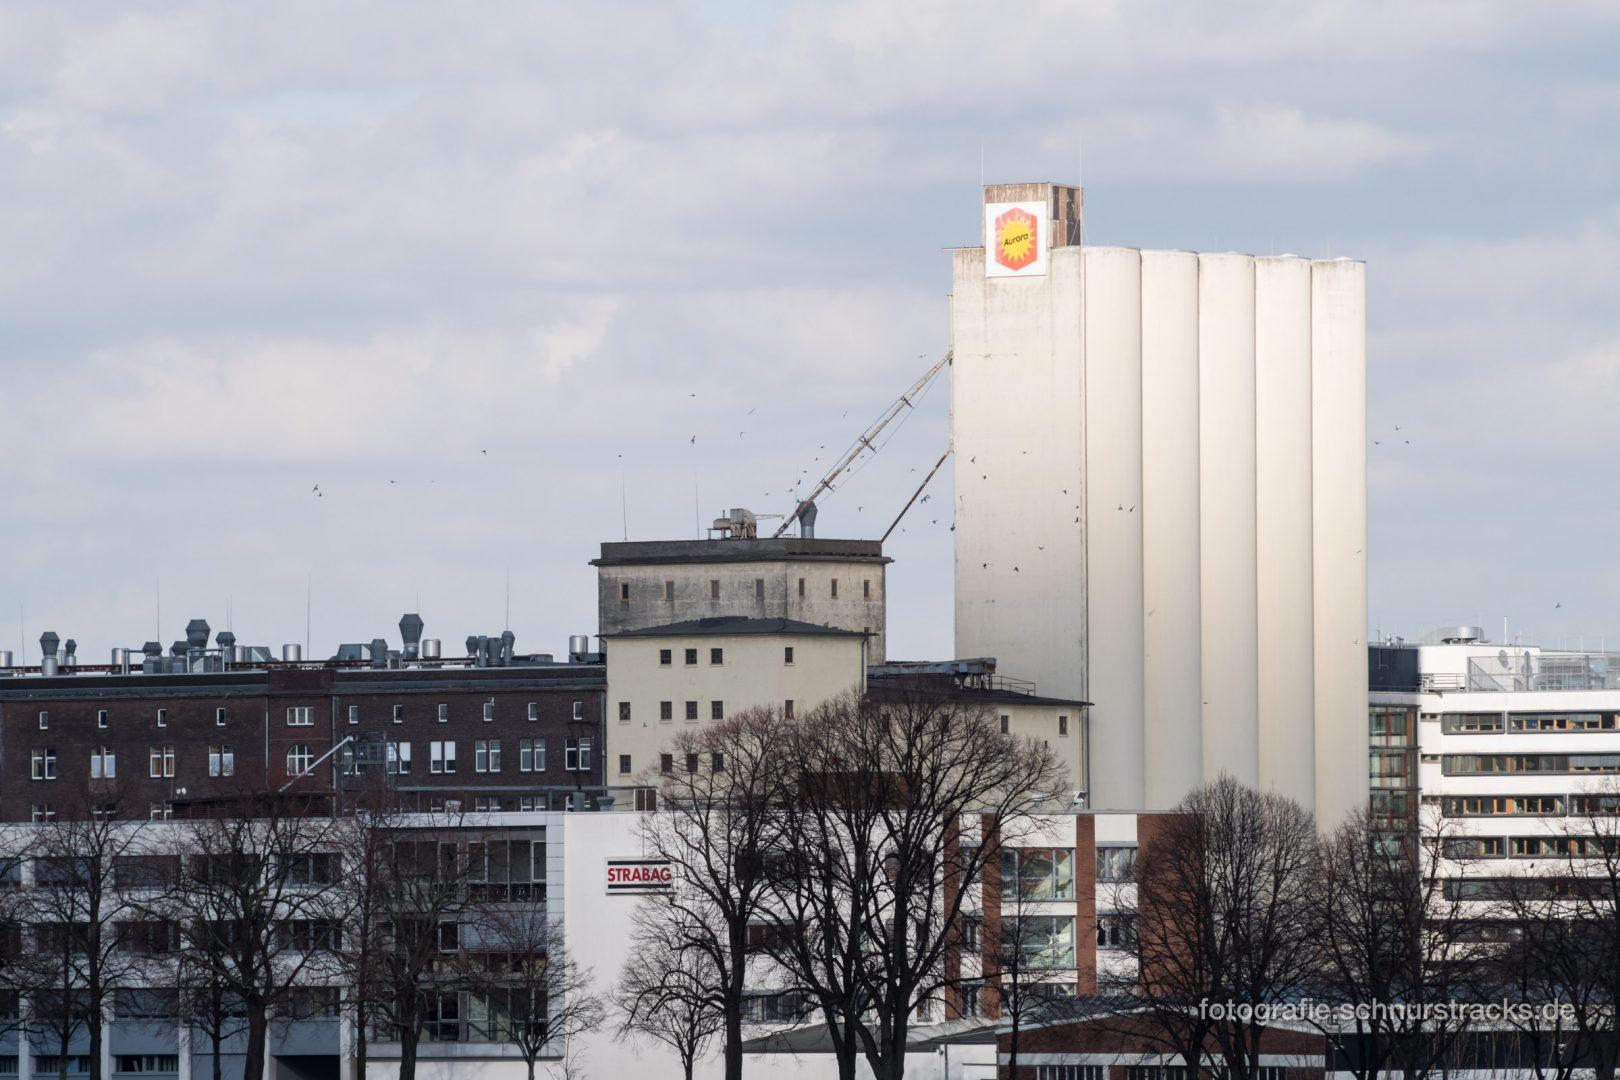 Kampffmeyer Mühlen GmbH Werk – Ellmühle #1036